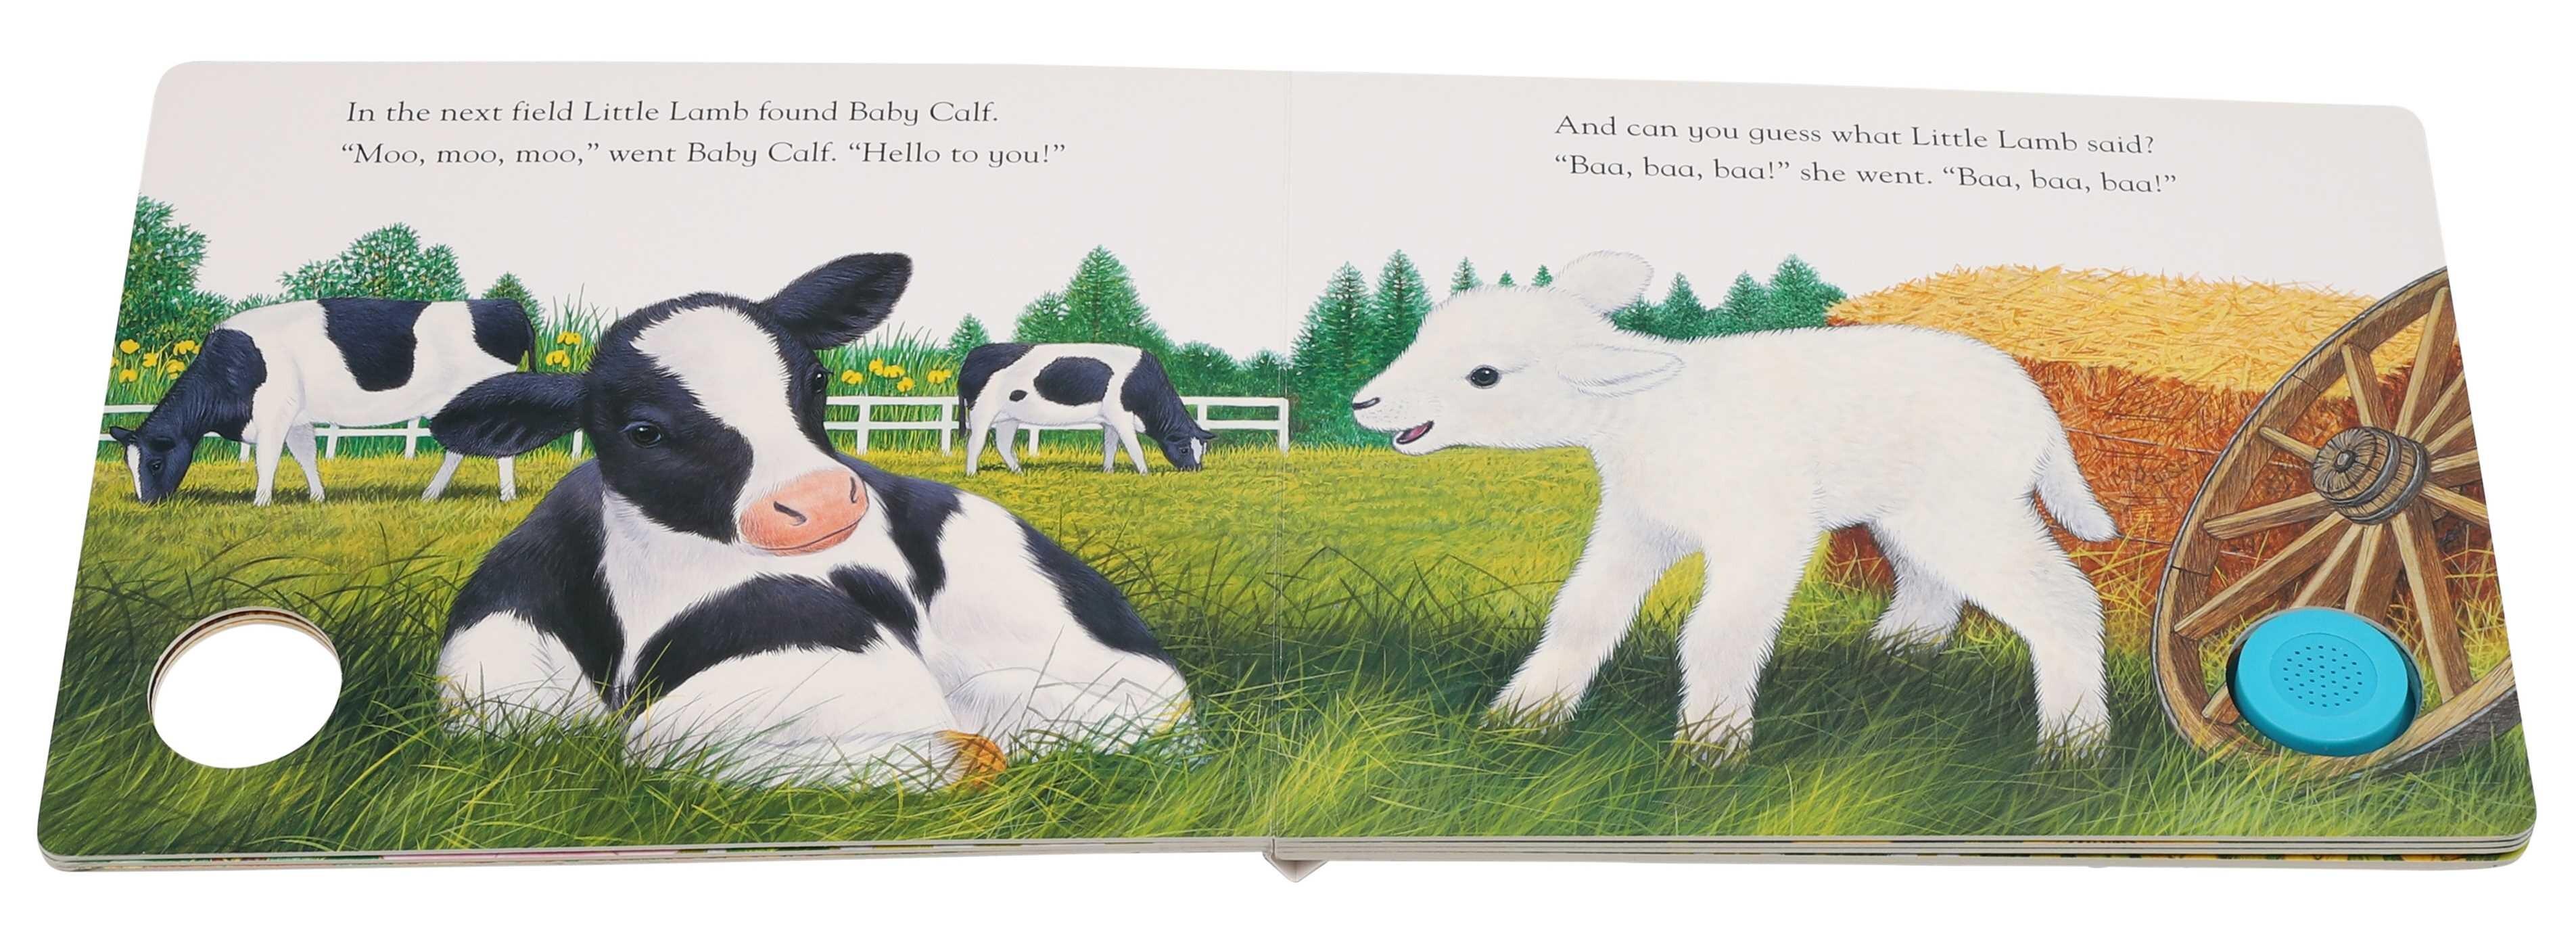 Little lambs new friends 9781626869400.in02